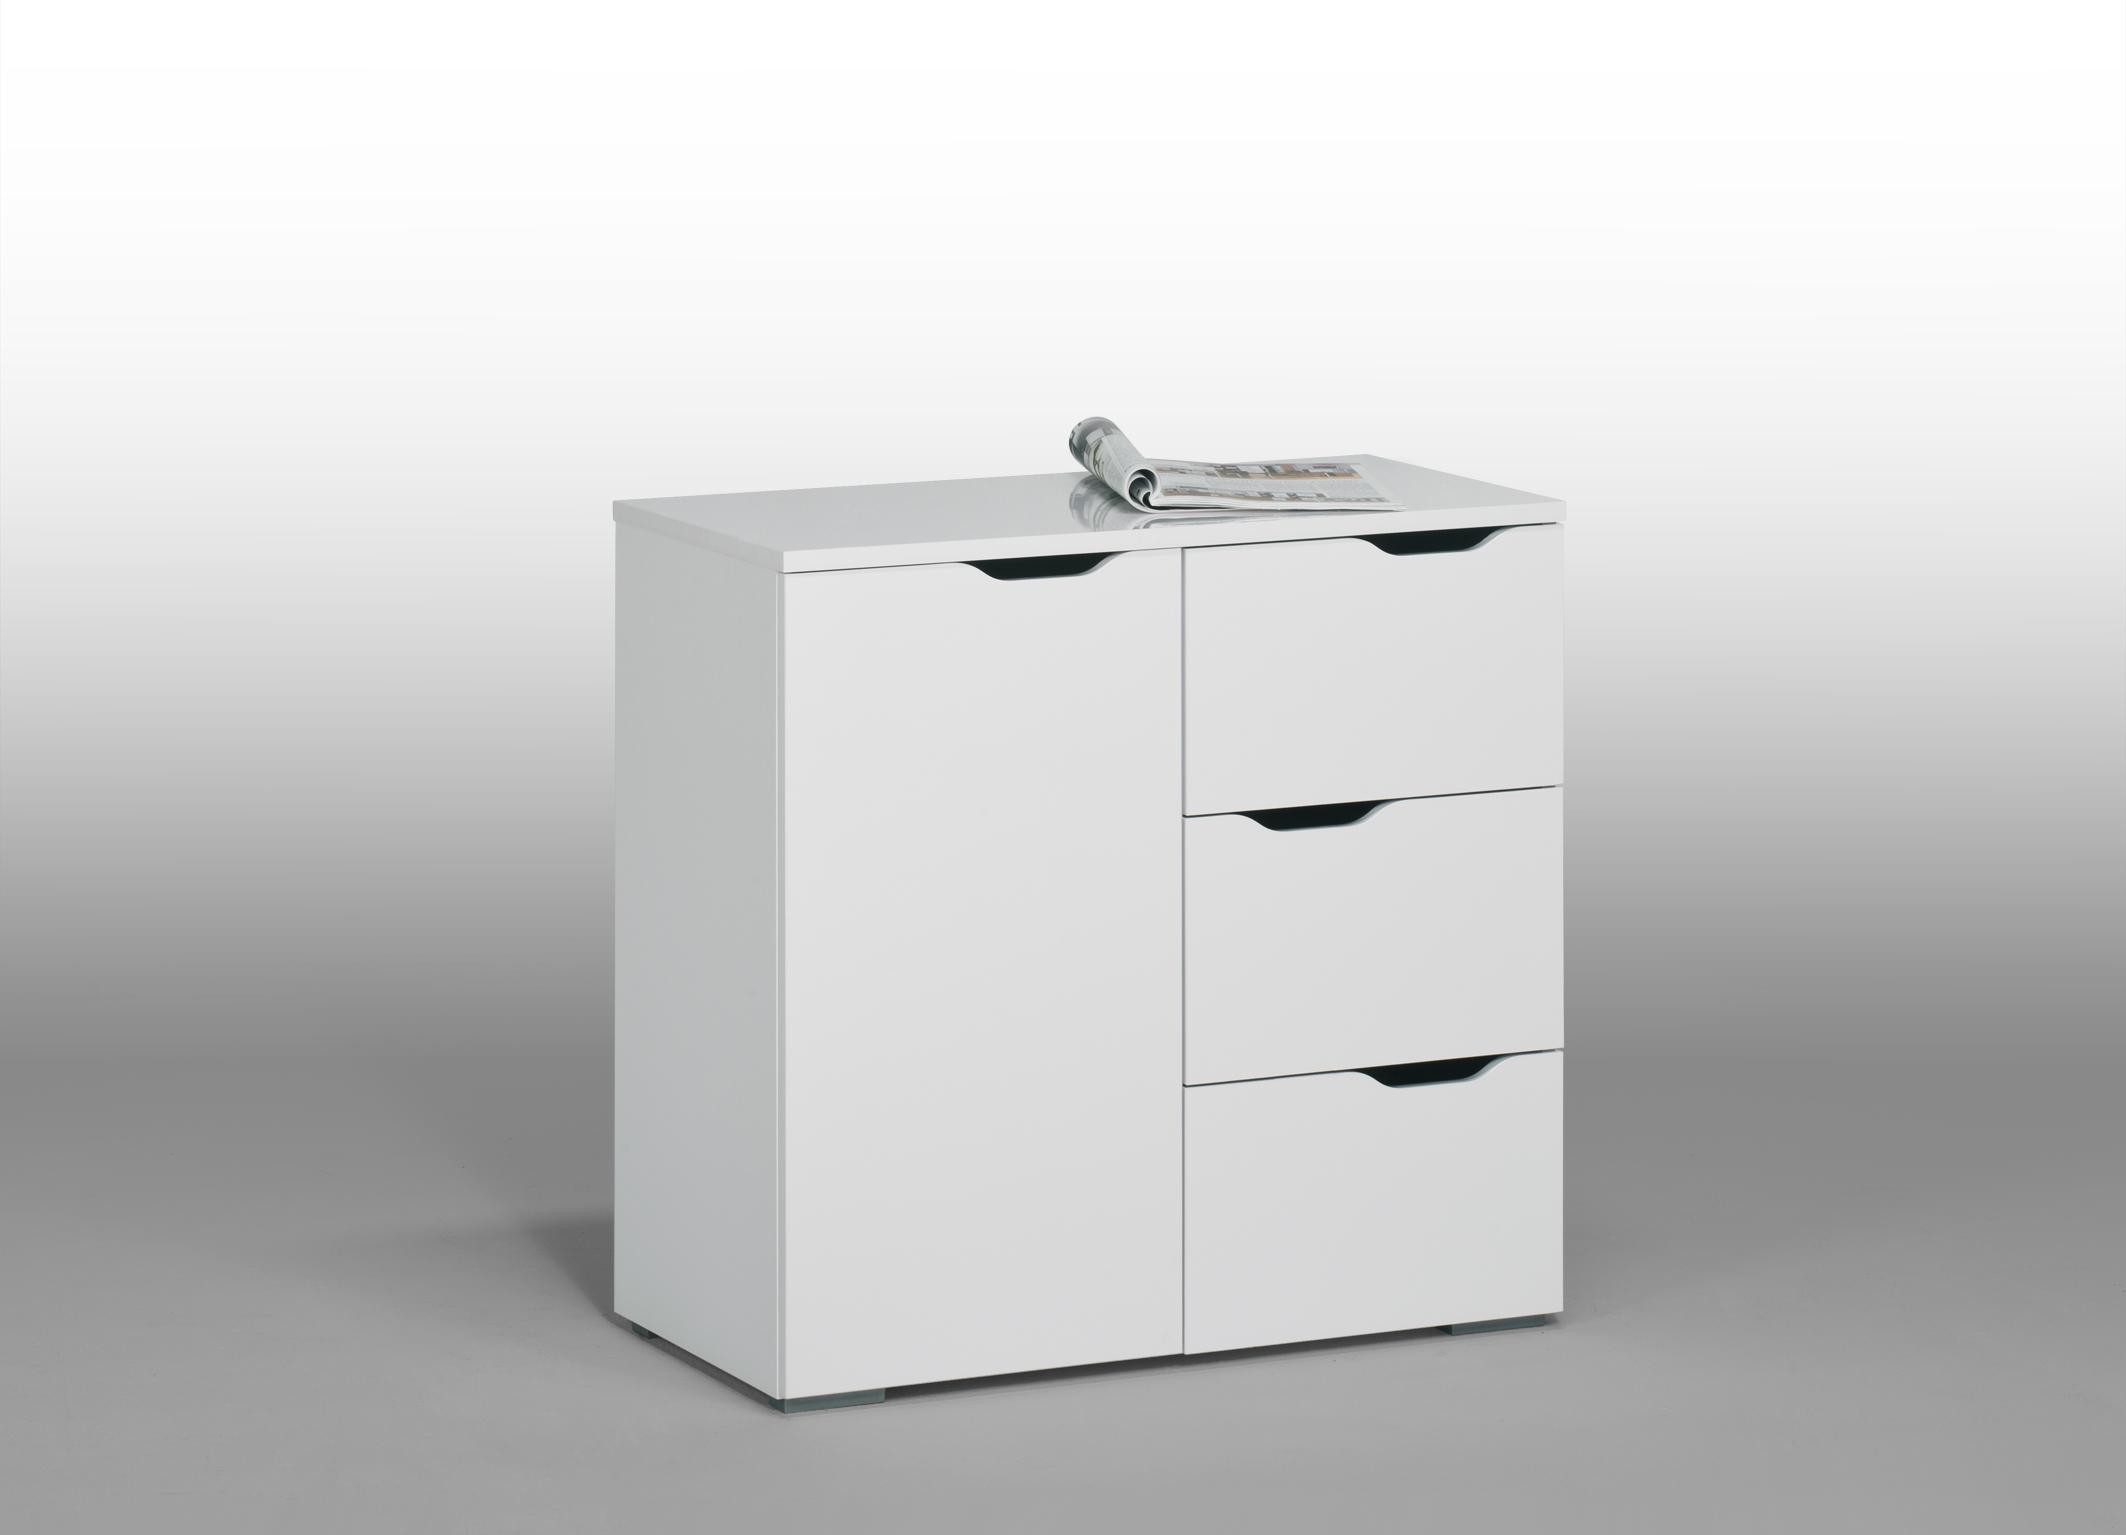 Petit meuble de rangement cuisine pas cher maison et Amazonpetit meuble cuisine